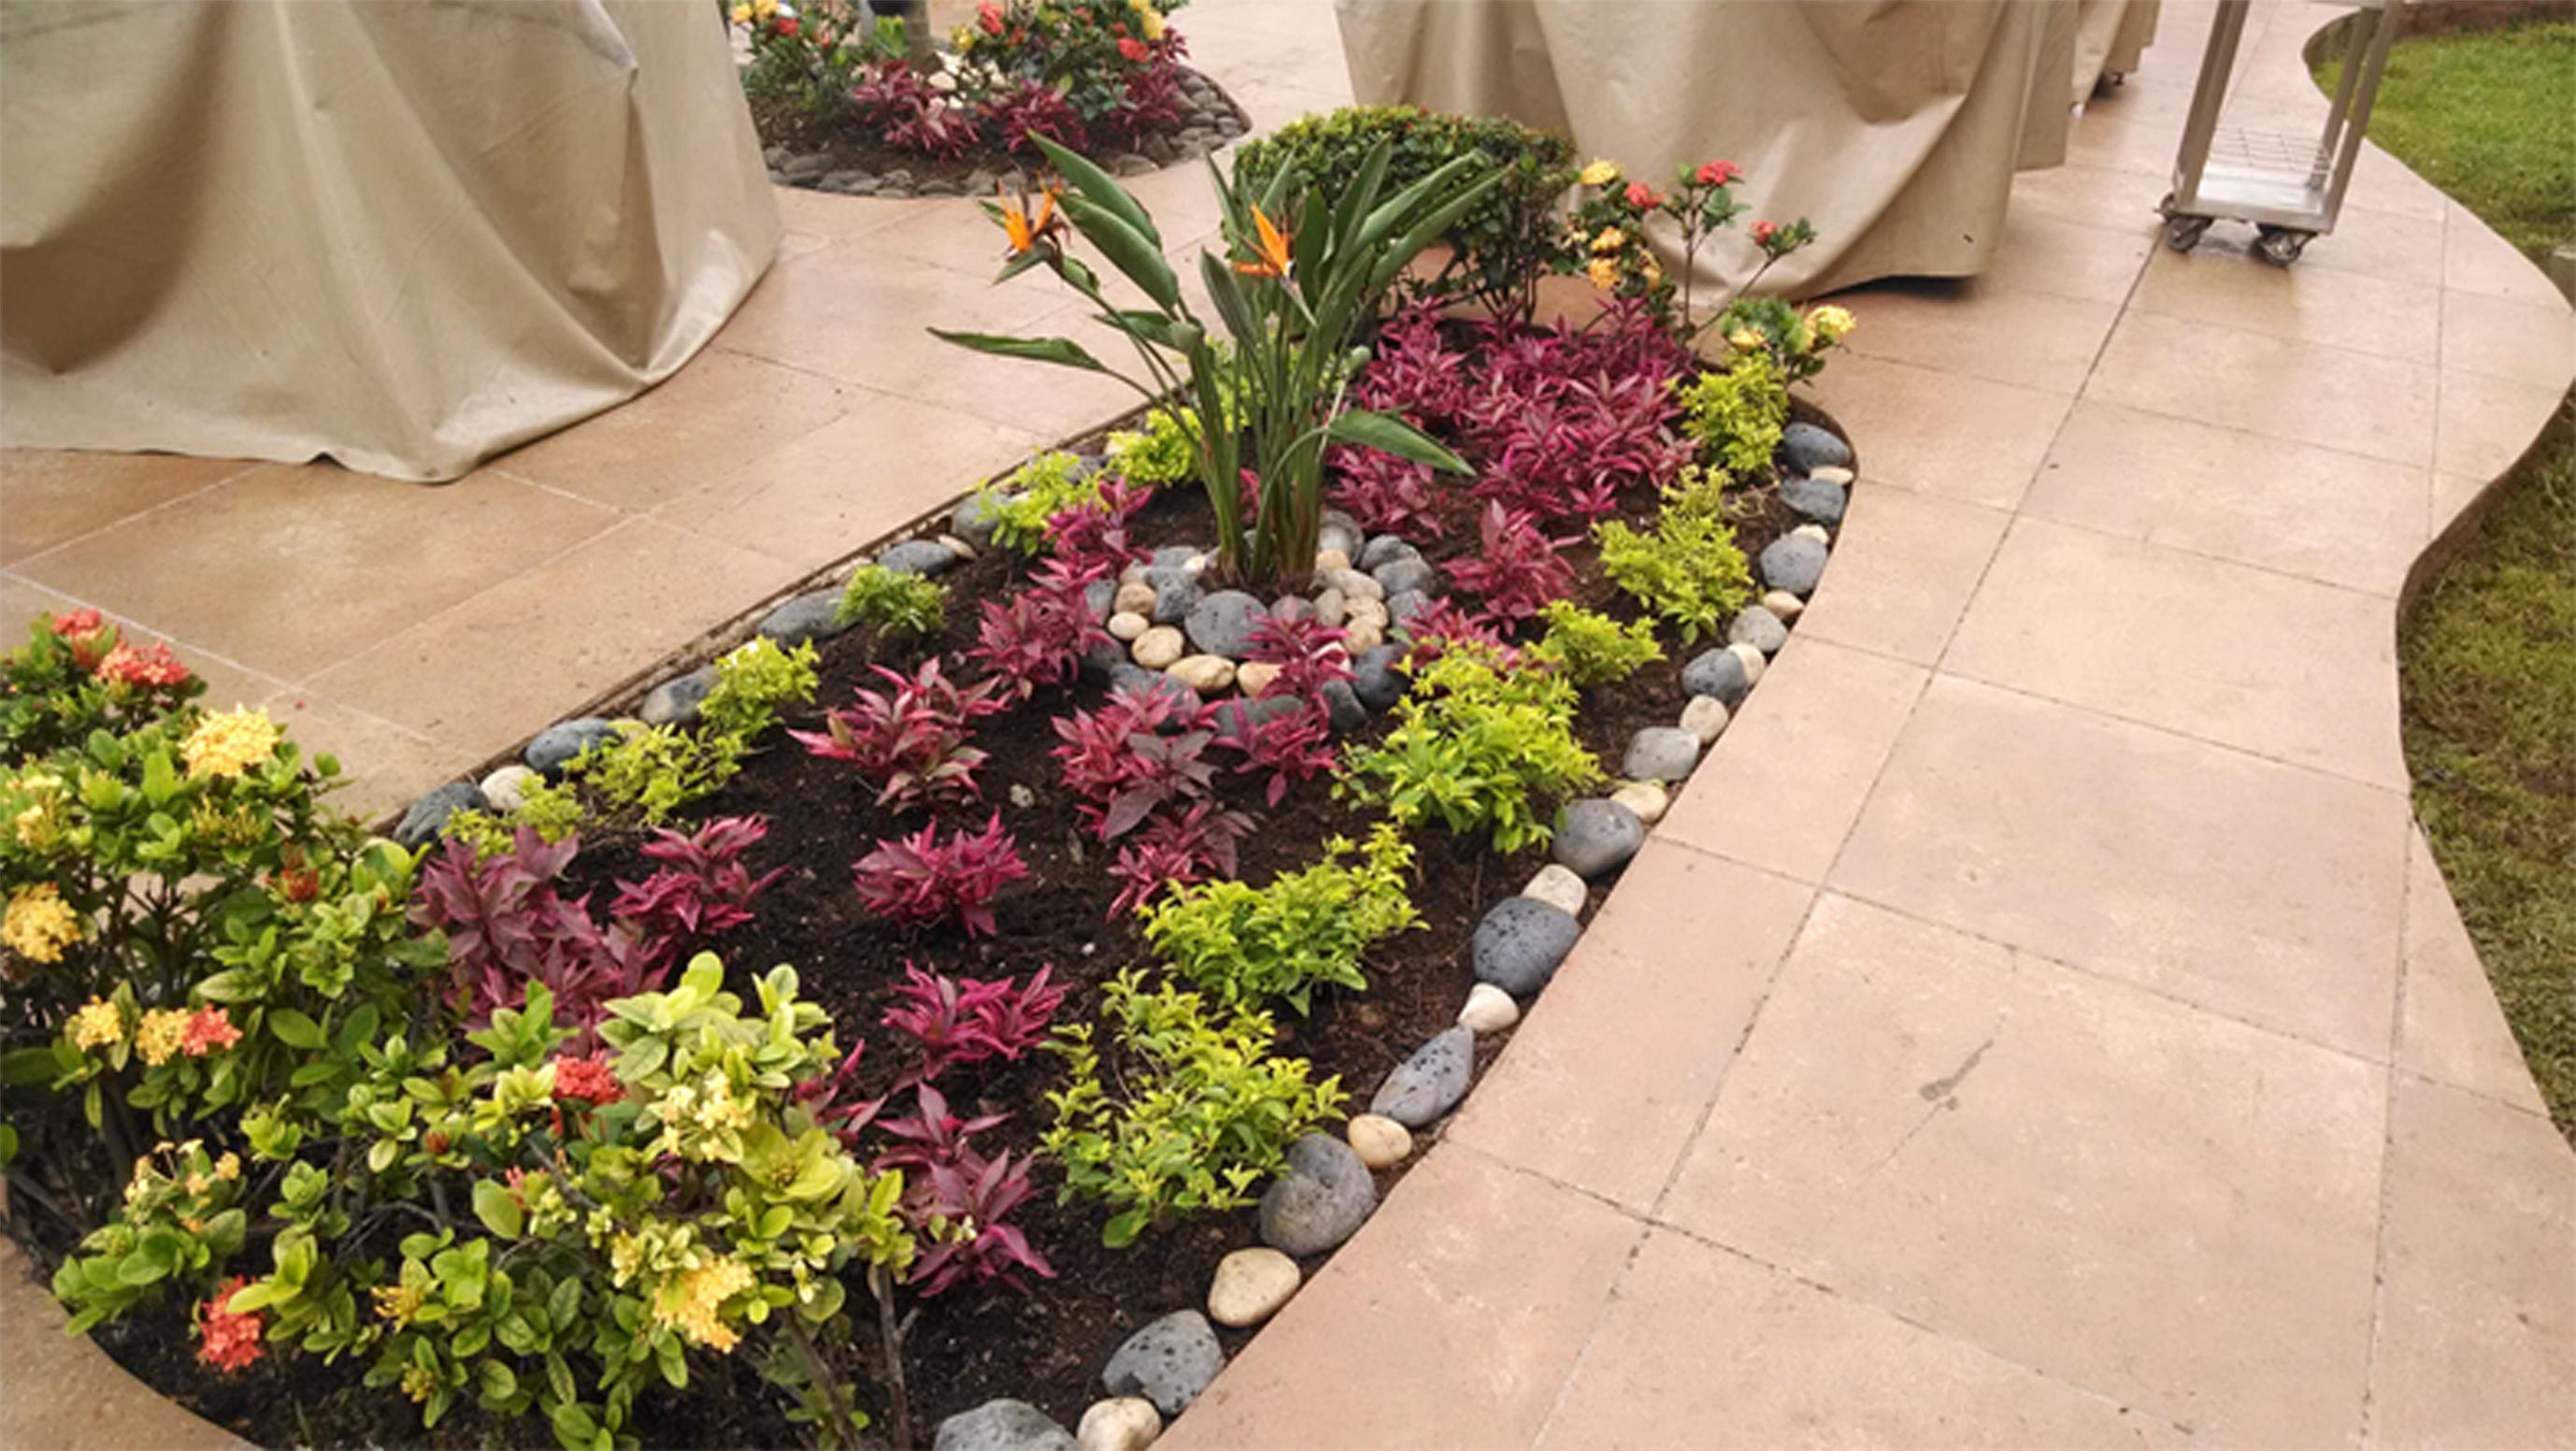 Dise o construcci n y mantenimiento de jardines en m rida servicio de jardiner a en m rida - Plantas de jardin fotos ...